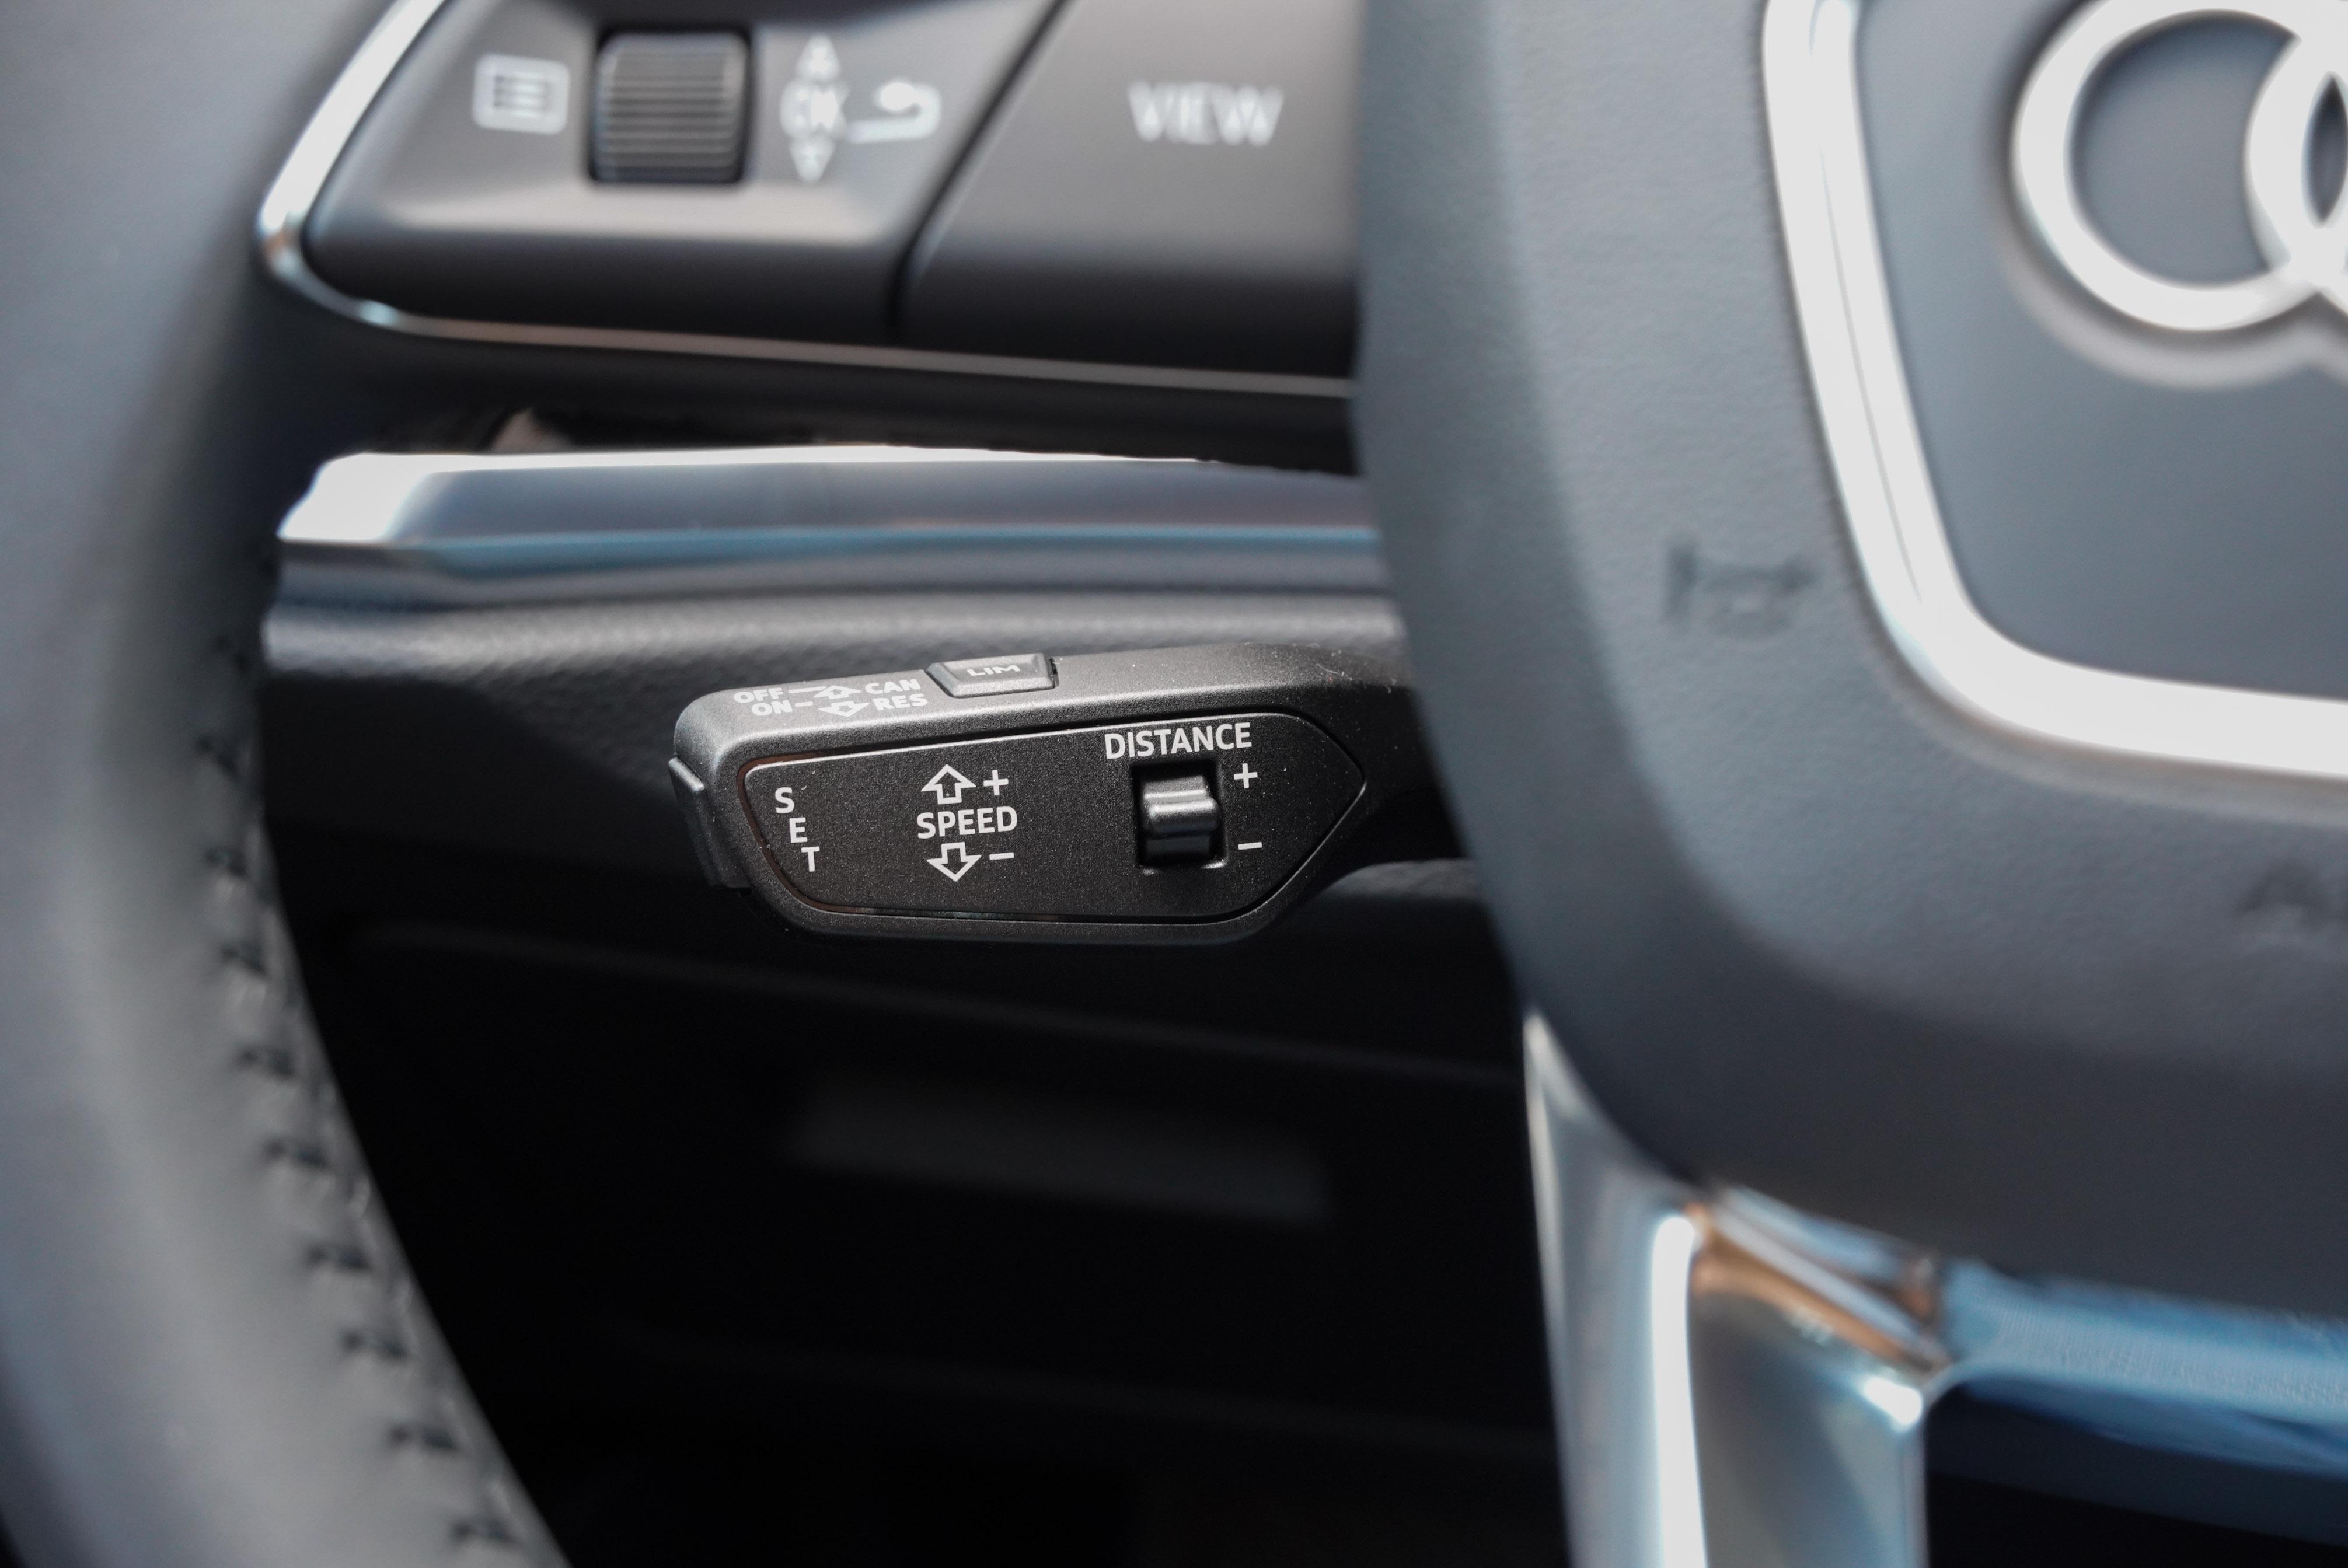 標配 ACC 主動式定速巡航控制系統(跟車系統)。此外還標配前方預警式安全防護系統、車道變換輔助系統、後方橫向車流警示等先進安全科技。